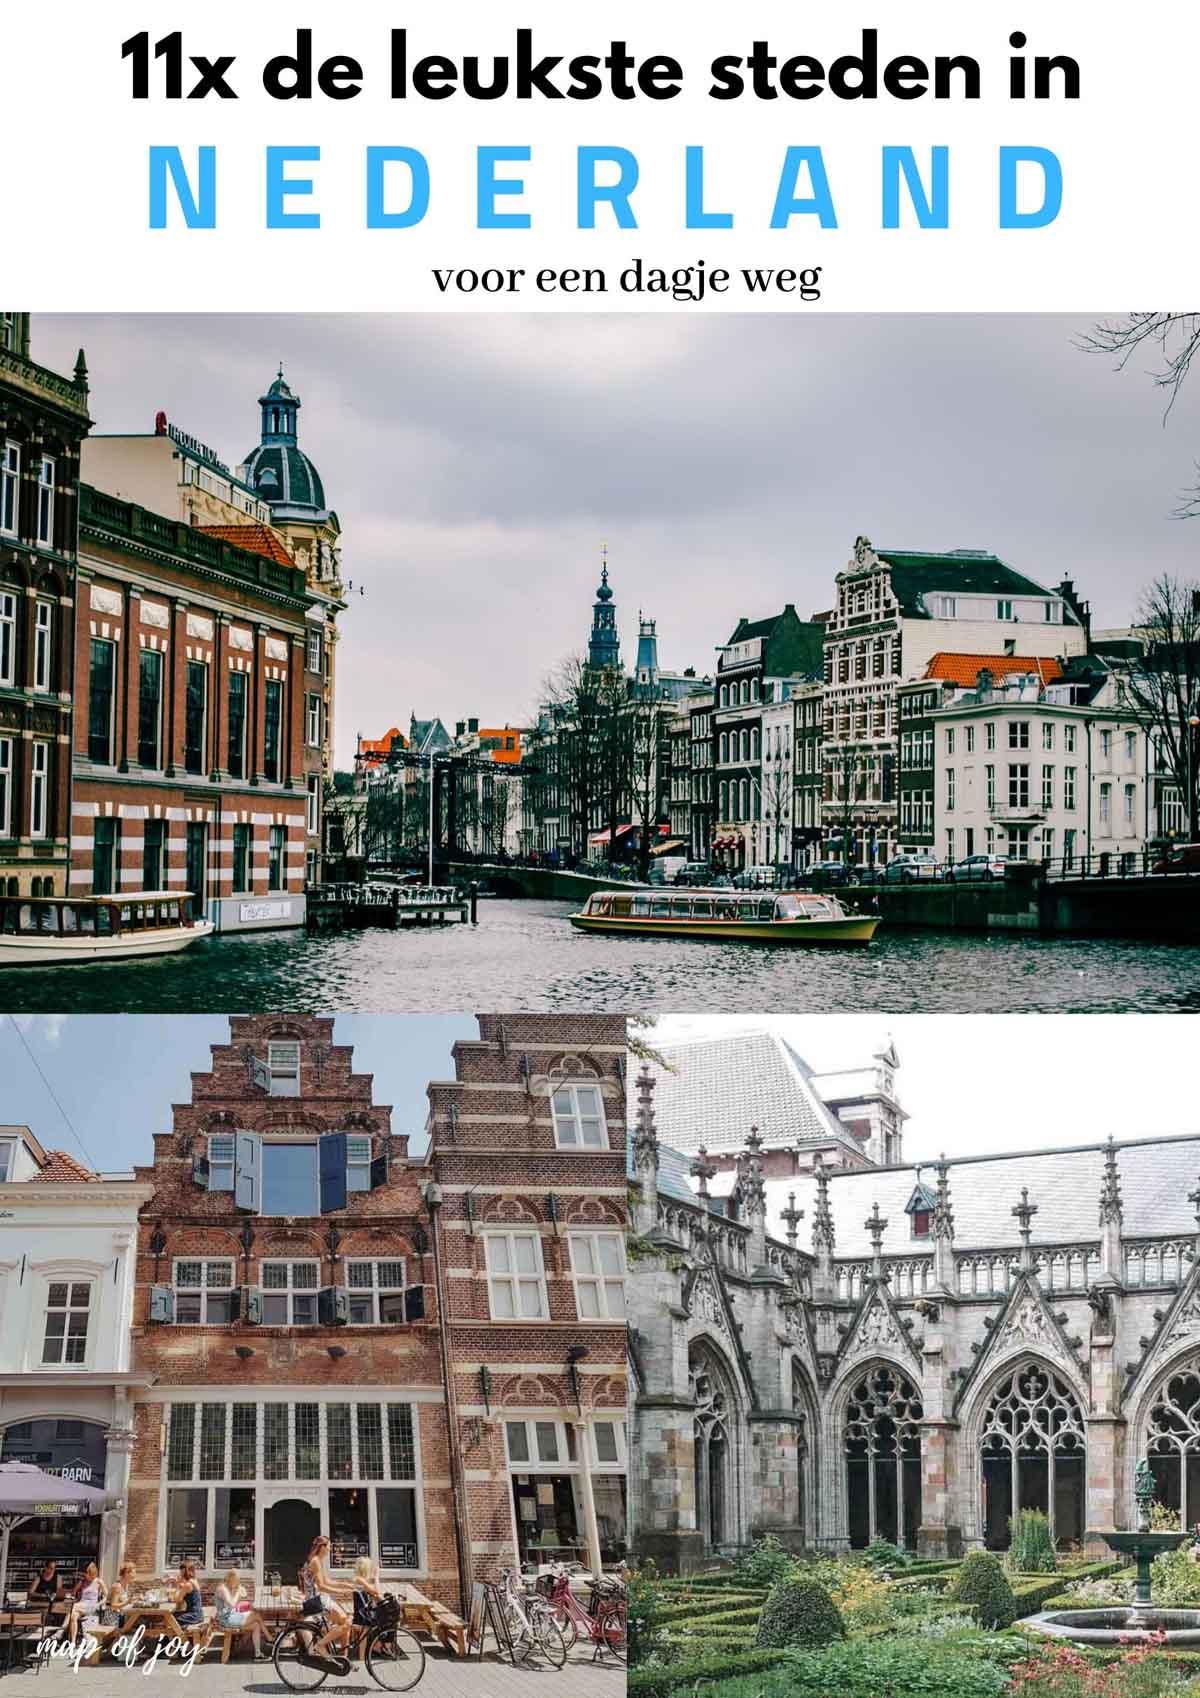 11x de leukste steden in Nederland voor een dagje weg